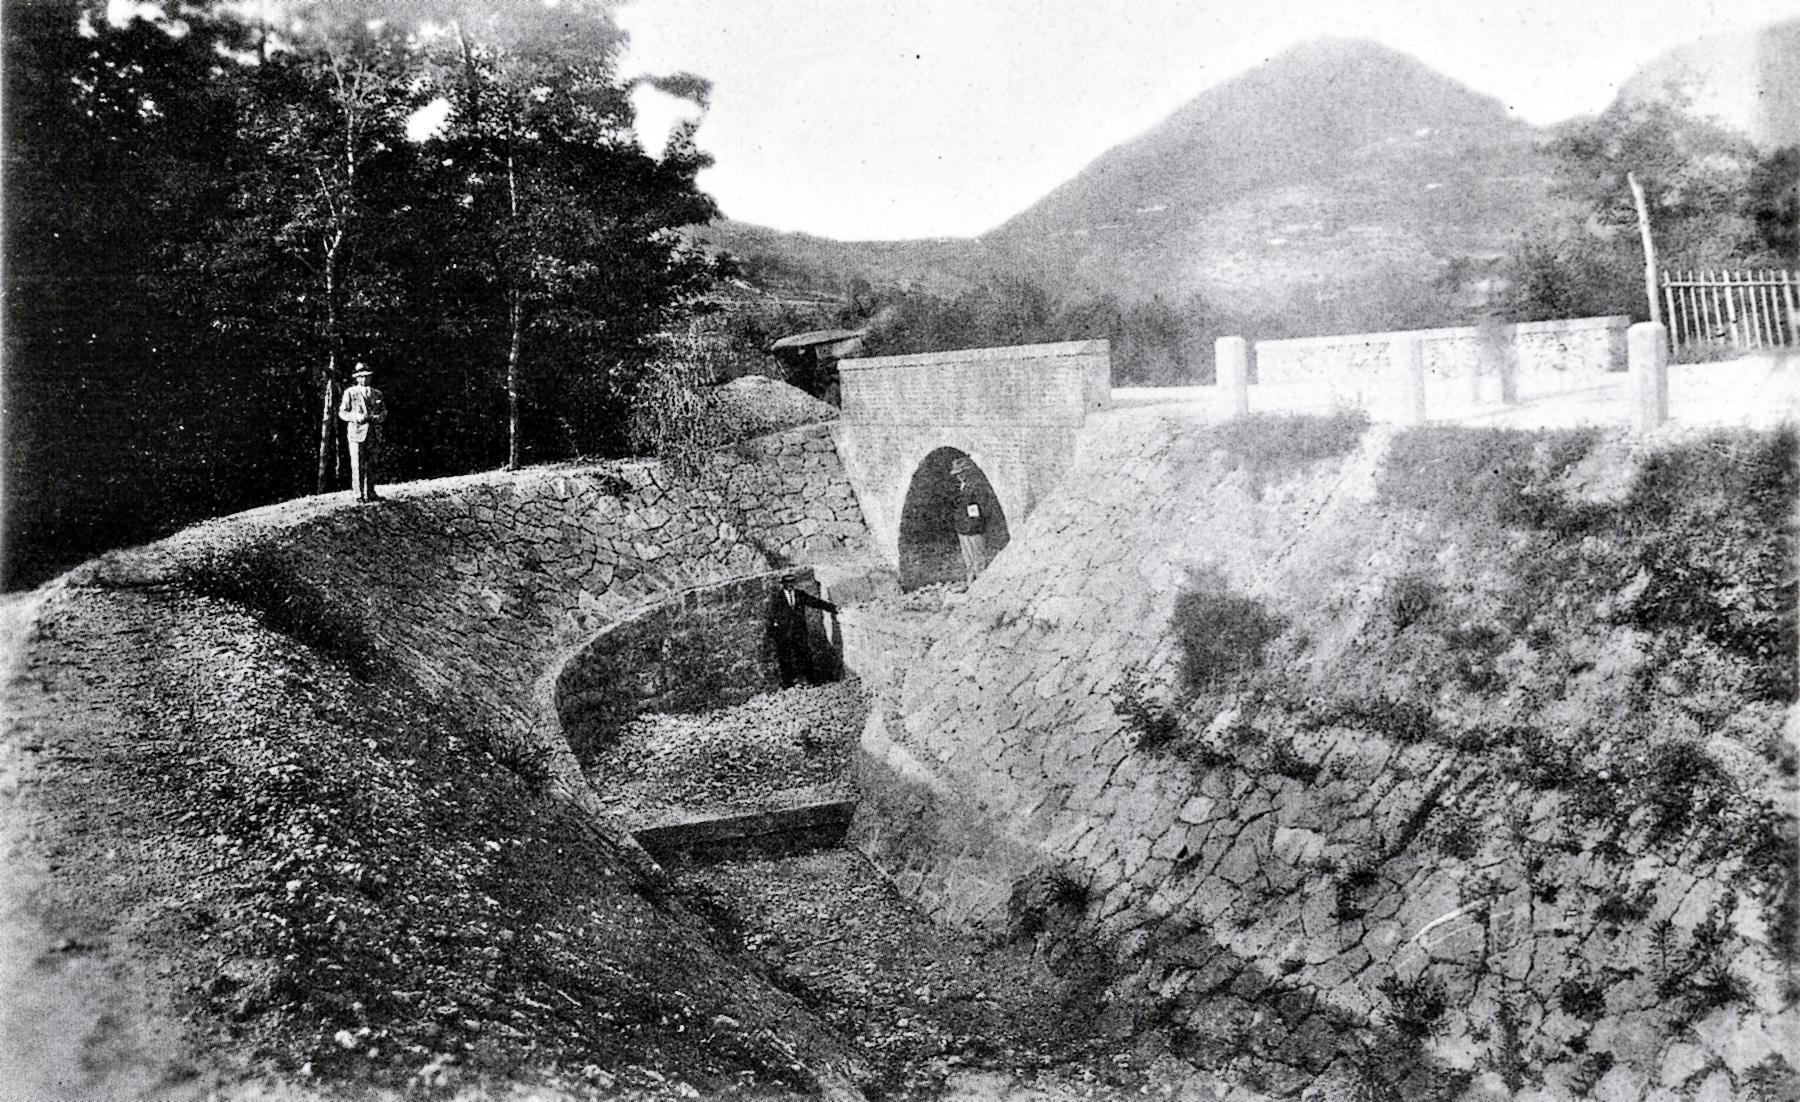 Briglia del Rio Valnogaredo e ponte sulla via Cavalcaressa, in località Crosara, in una foto del 1934.